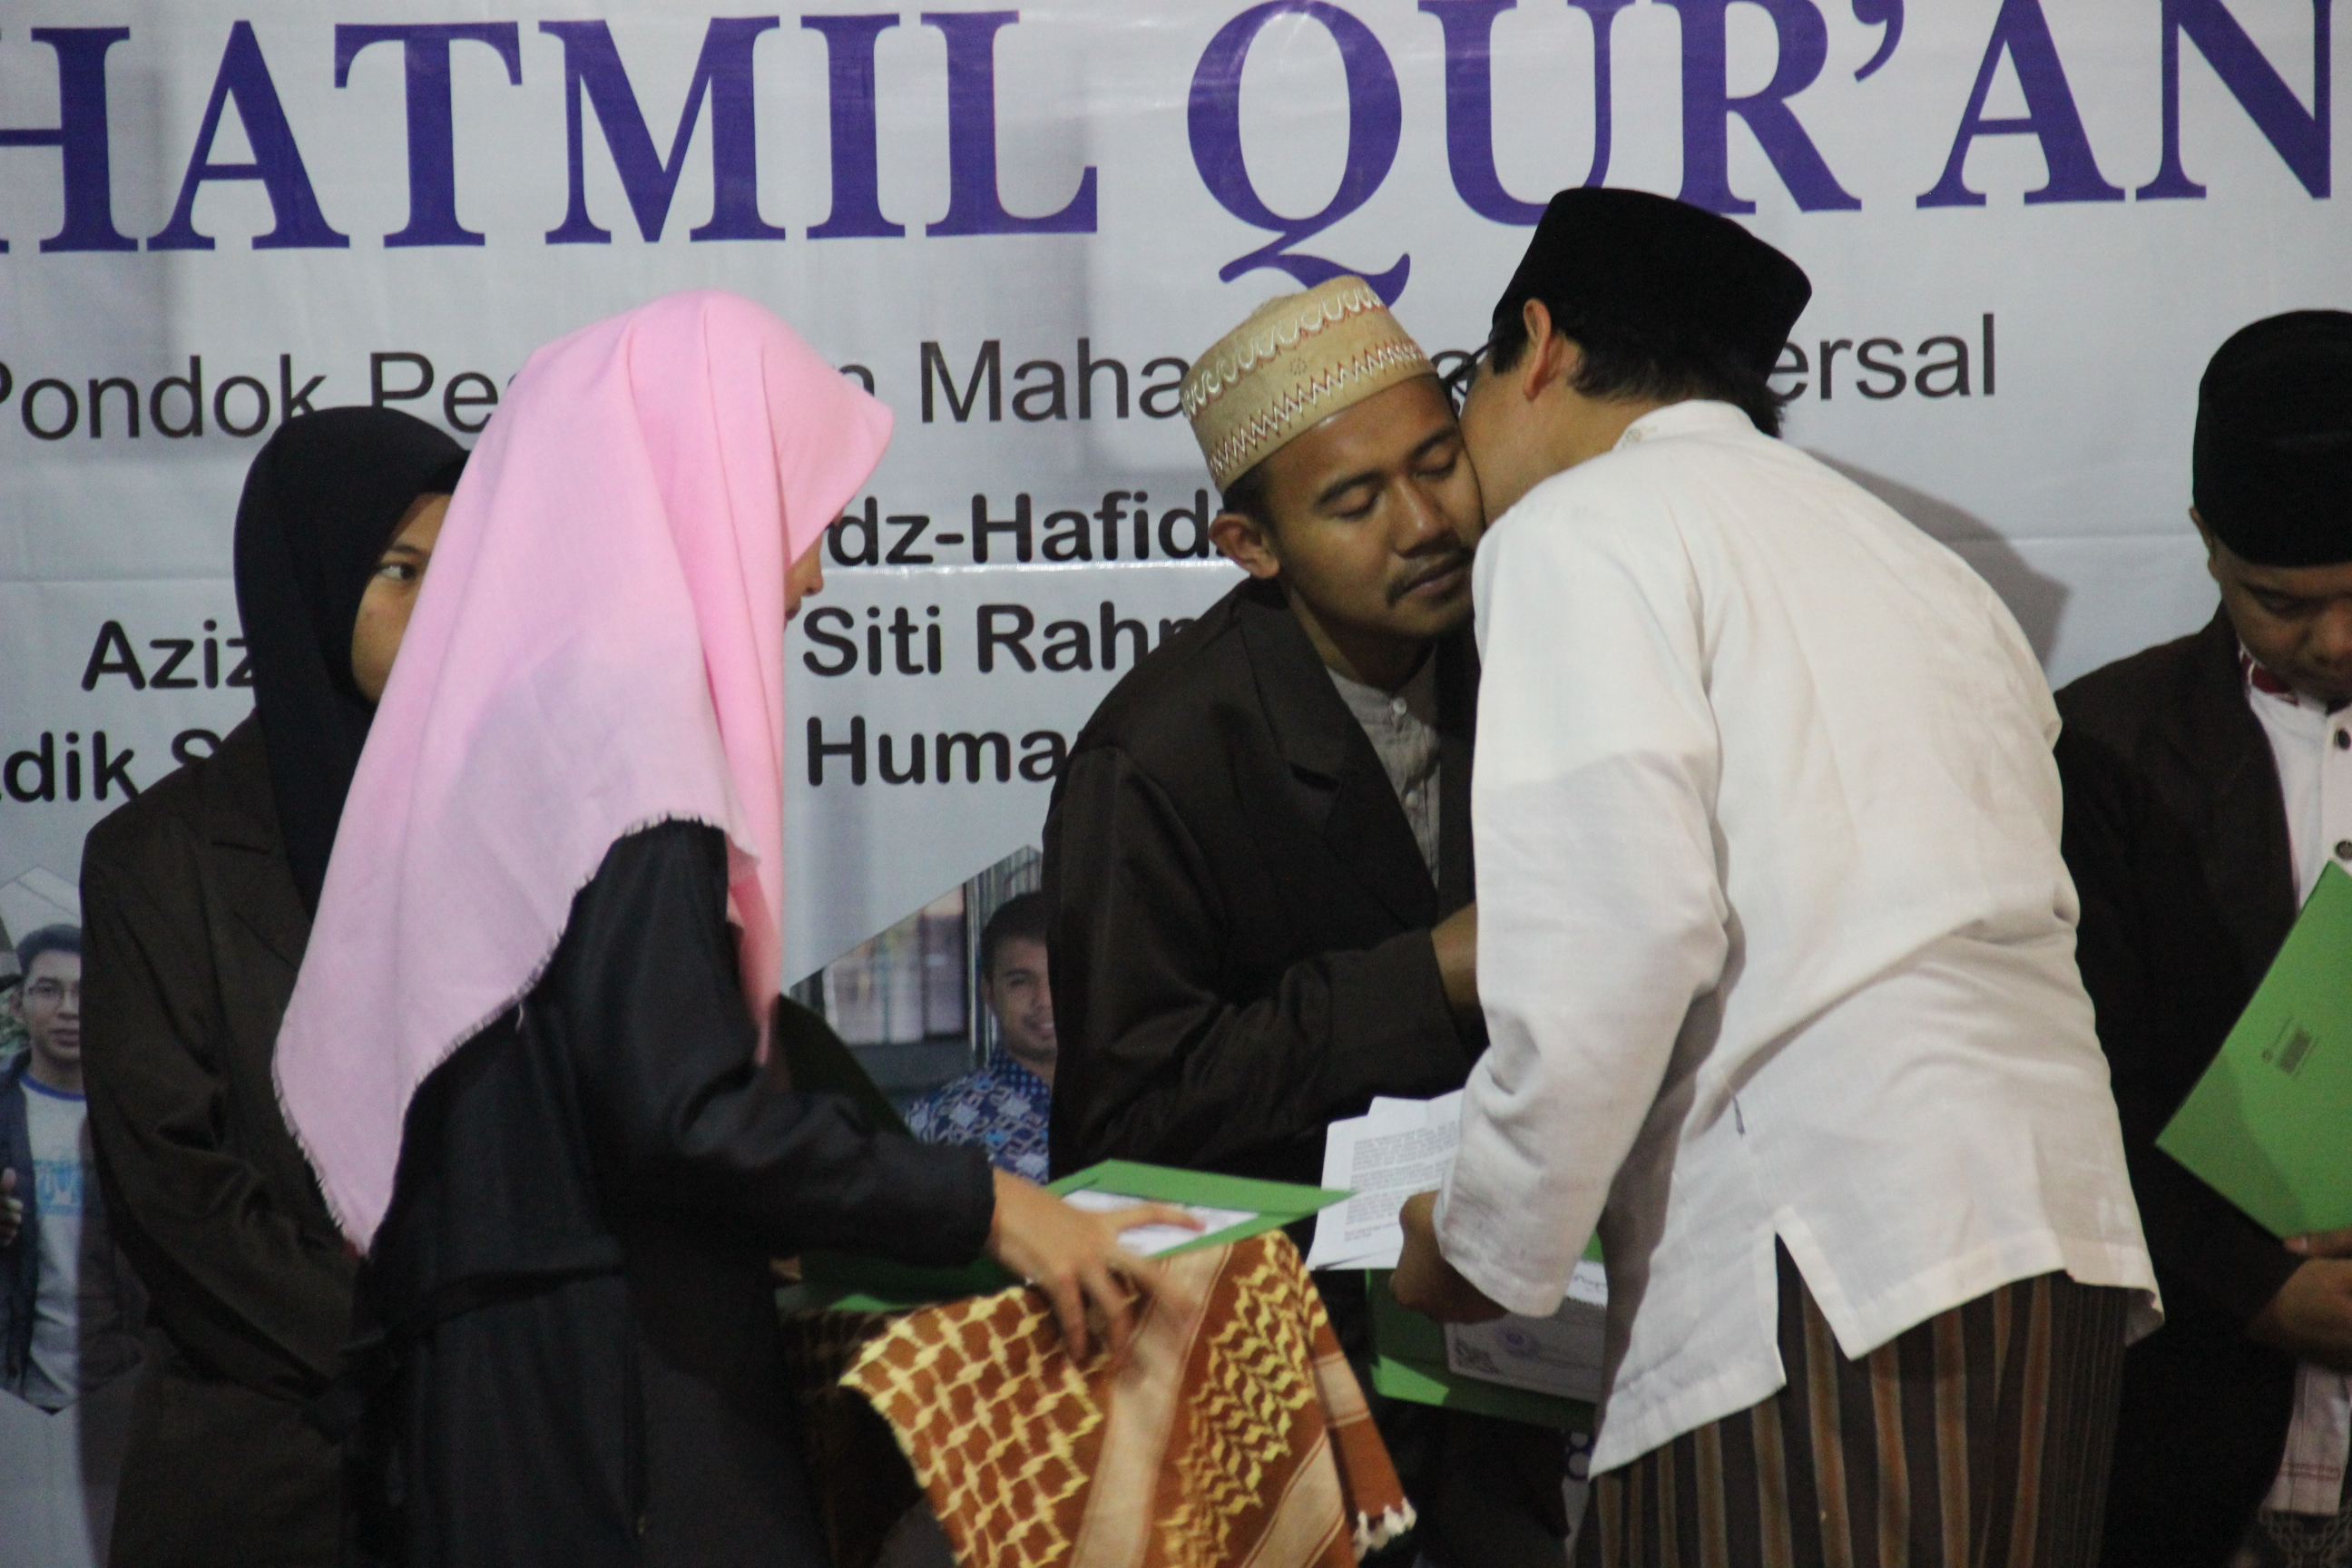 Membumikan Islam Dengan Cinta